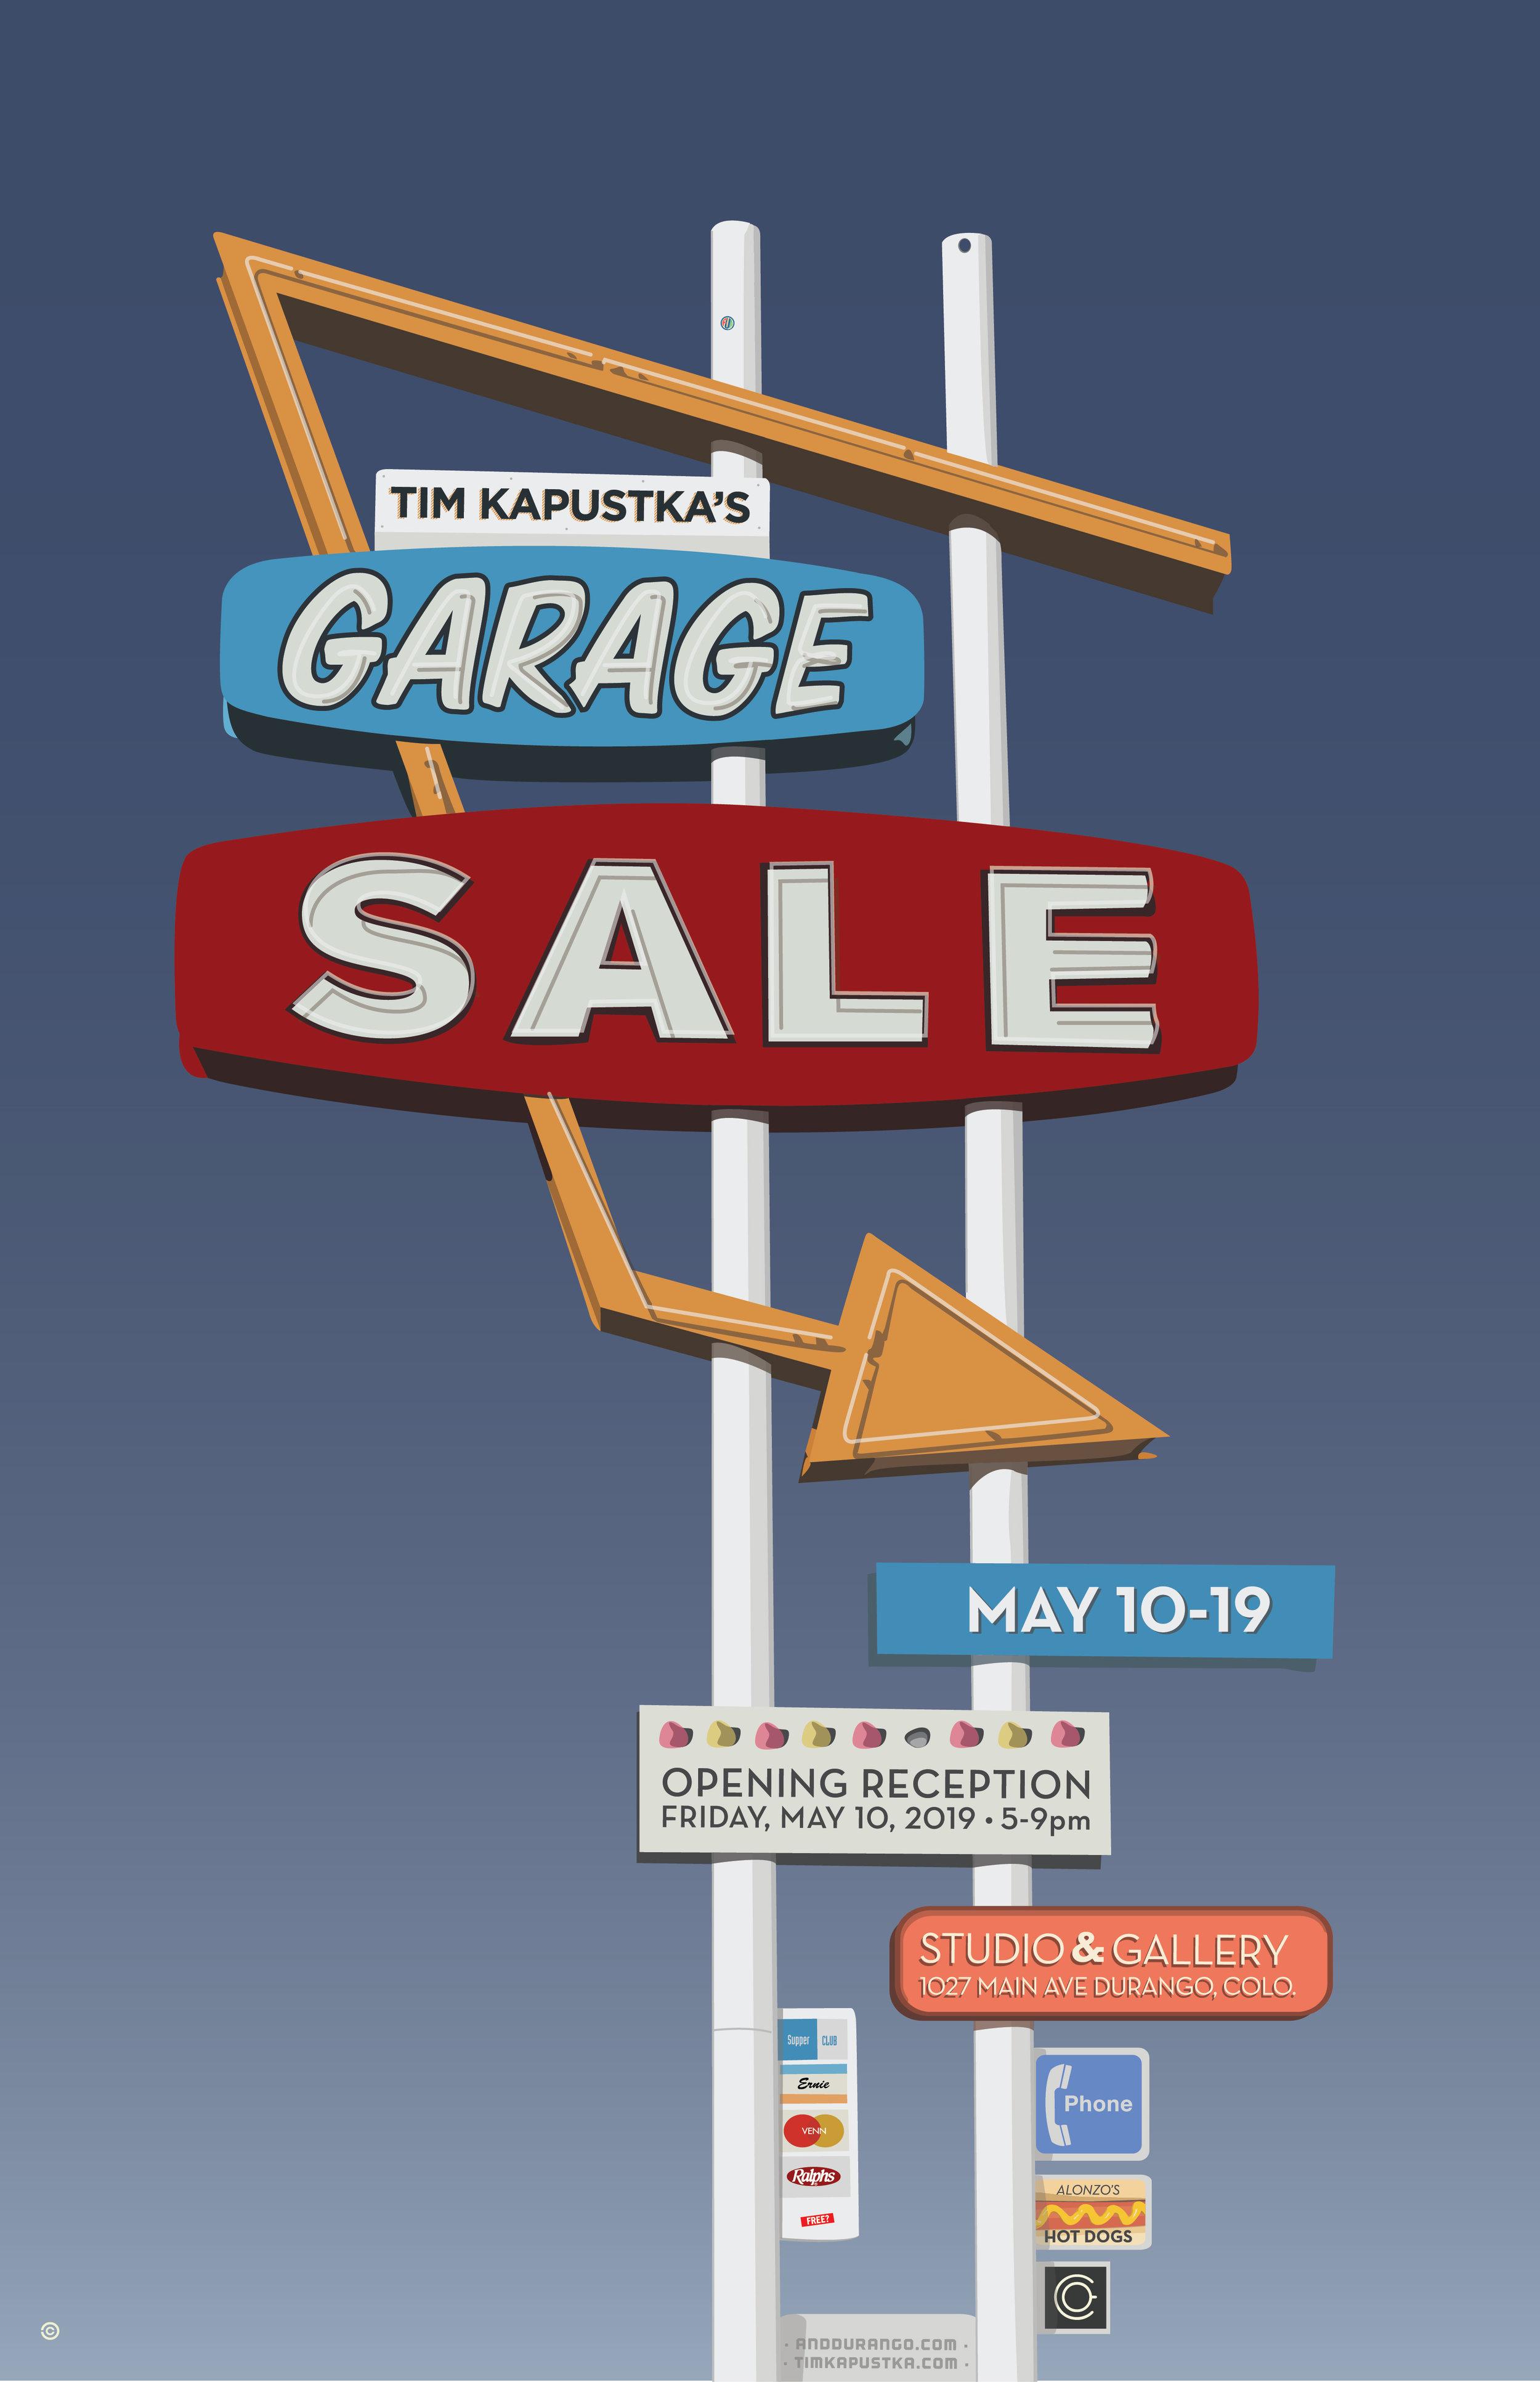 GarageSale_Poster_11x17.jpg